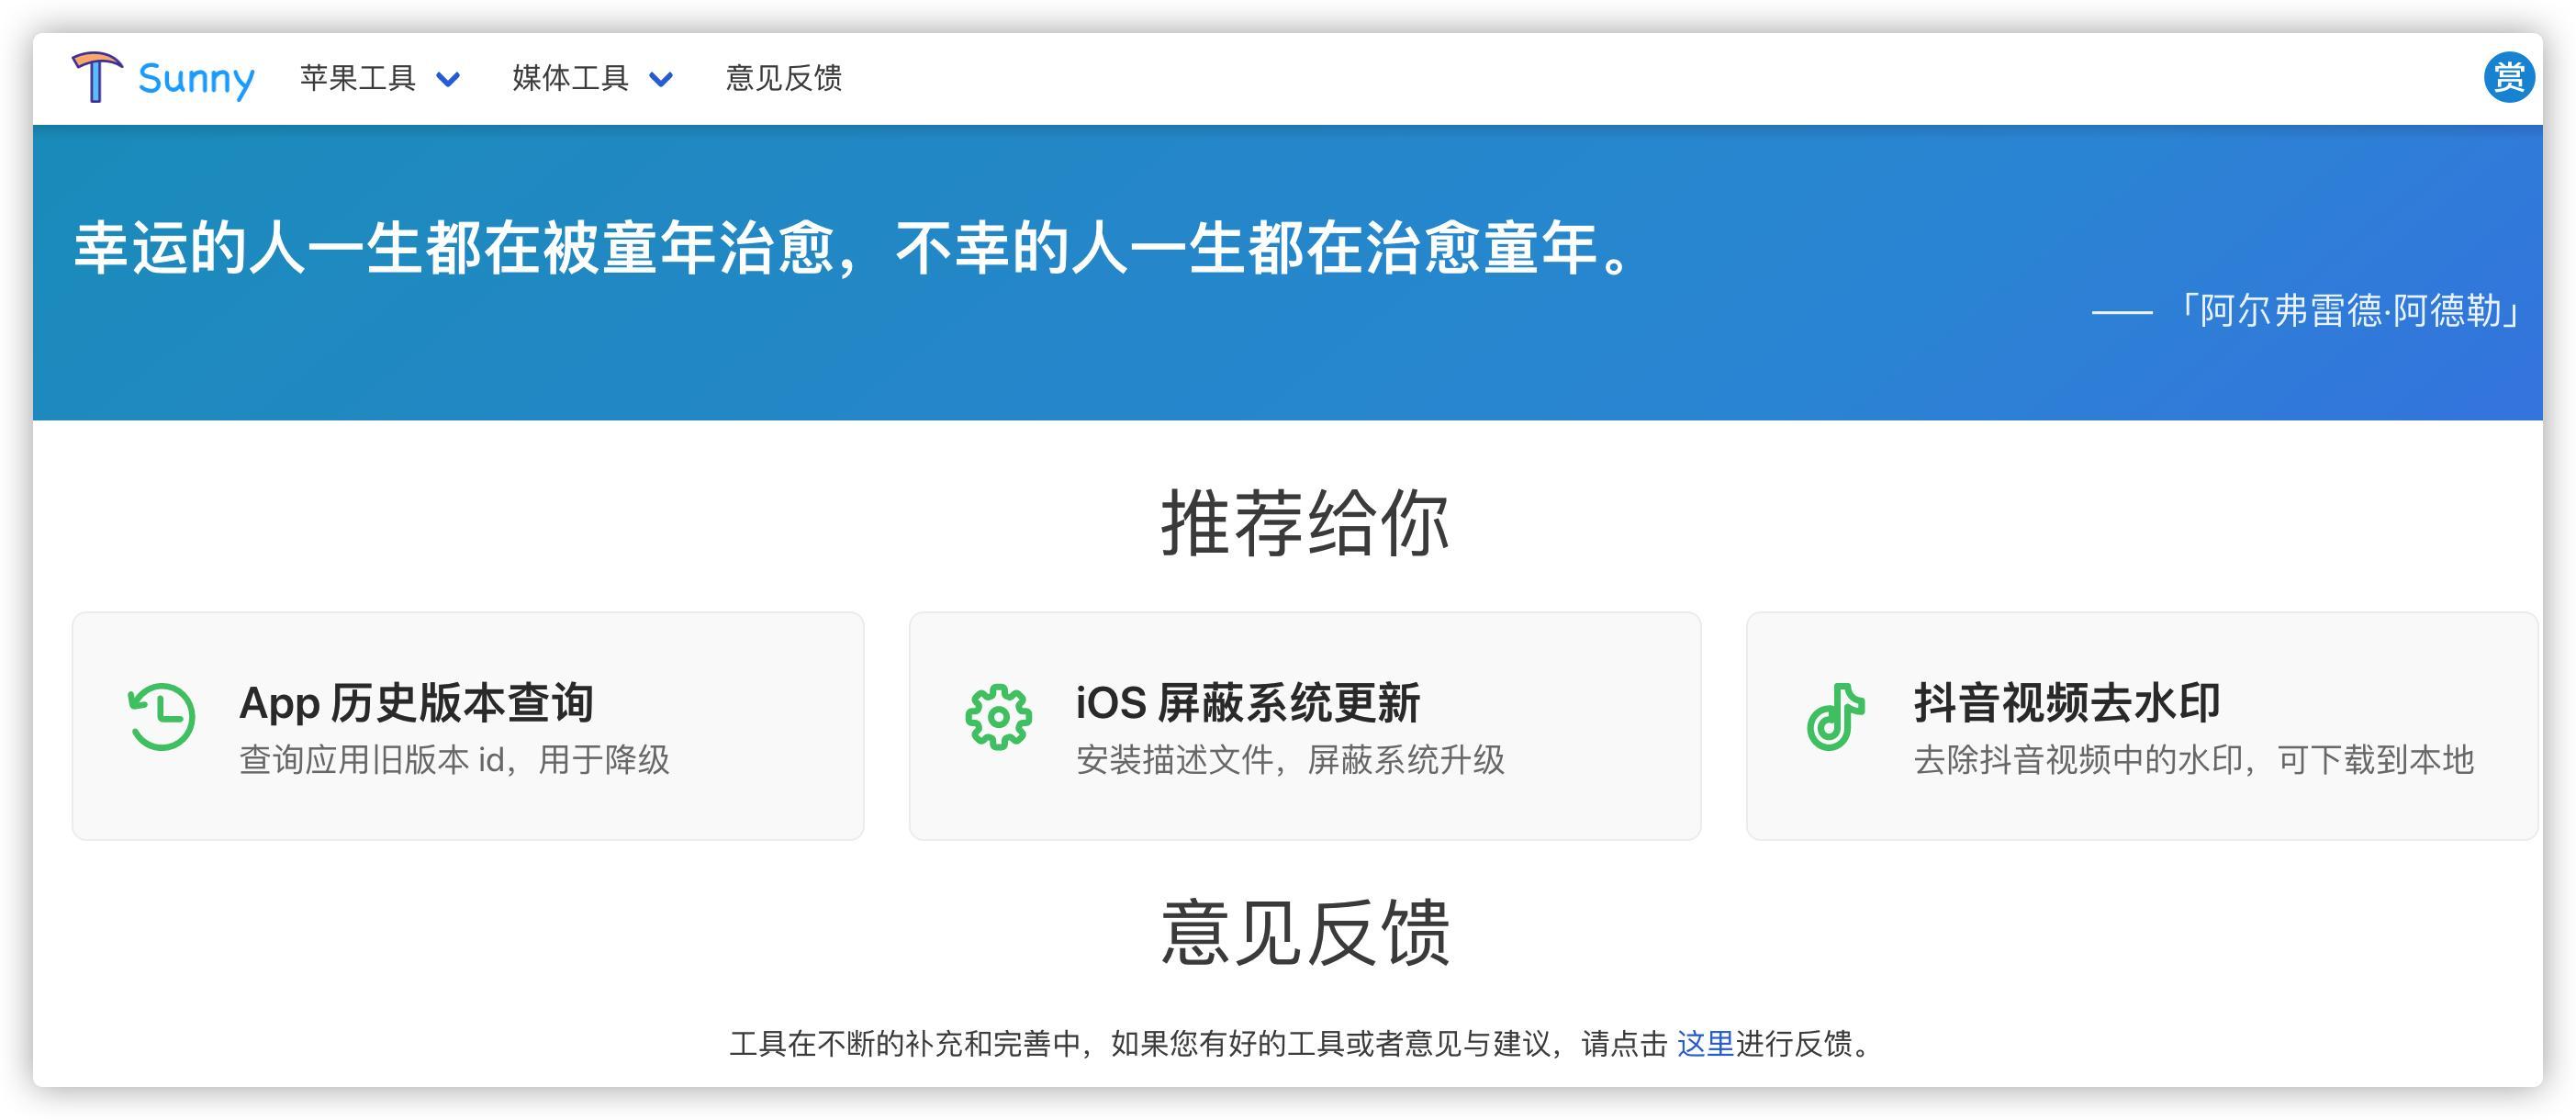 苹果APP历史版本查询